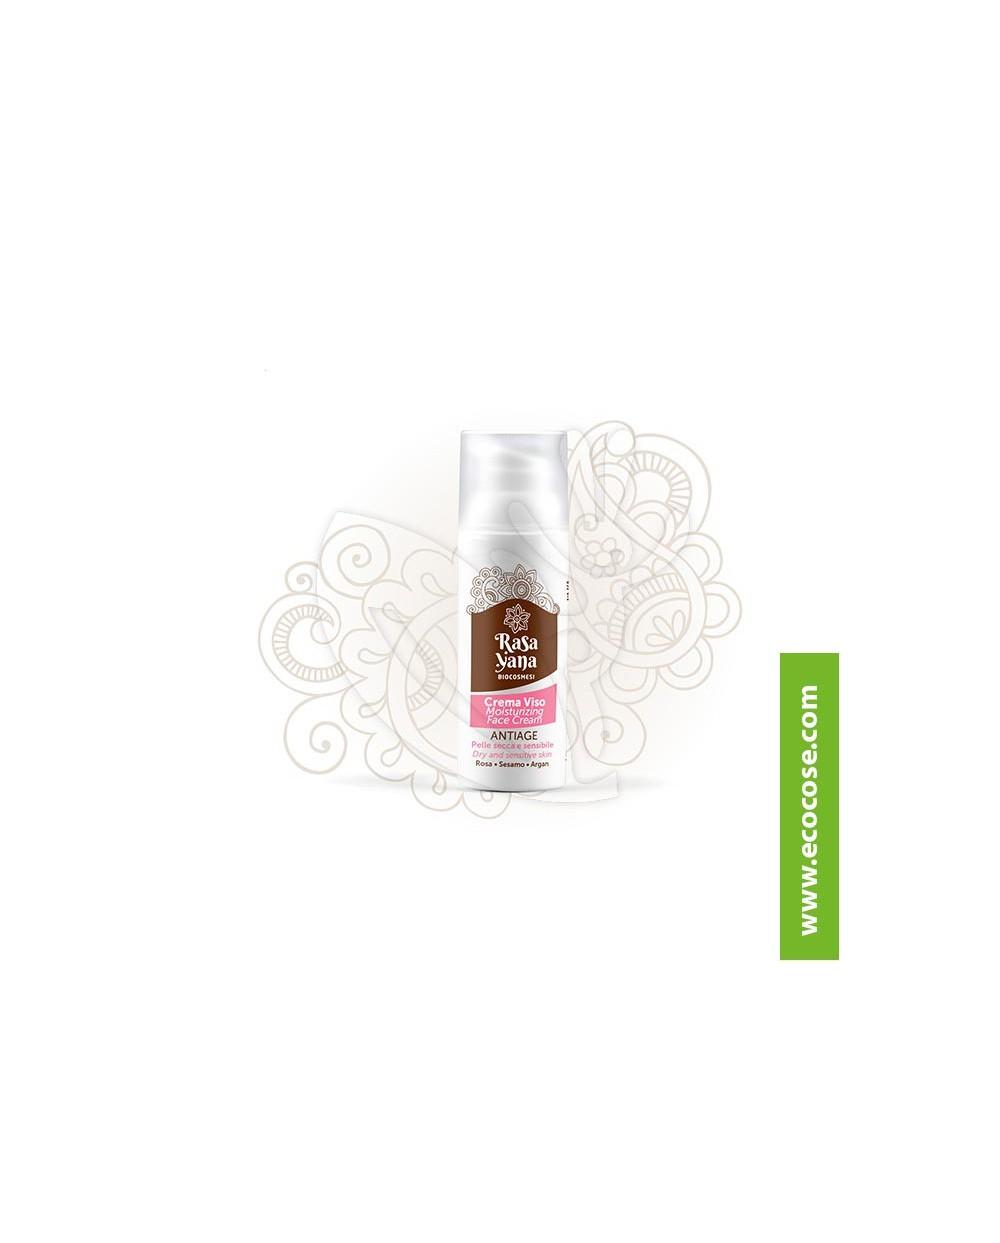 Rasayana Biocosmesi - Crema viso ANTIAGE Pelle secca e sensibile